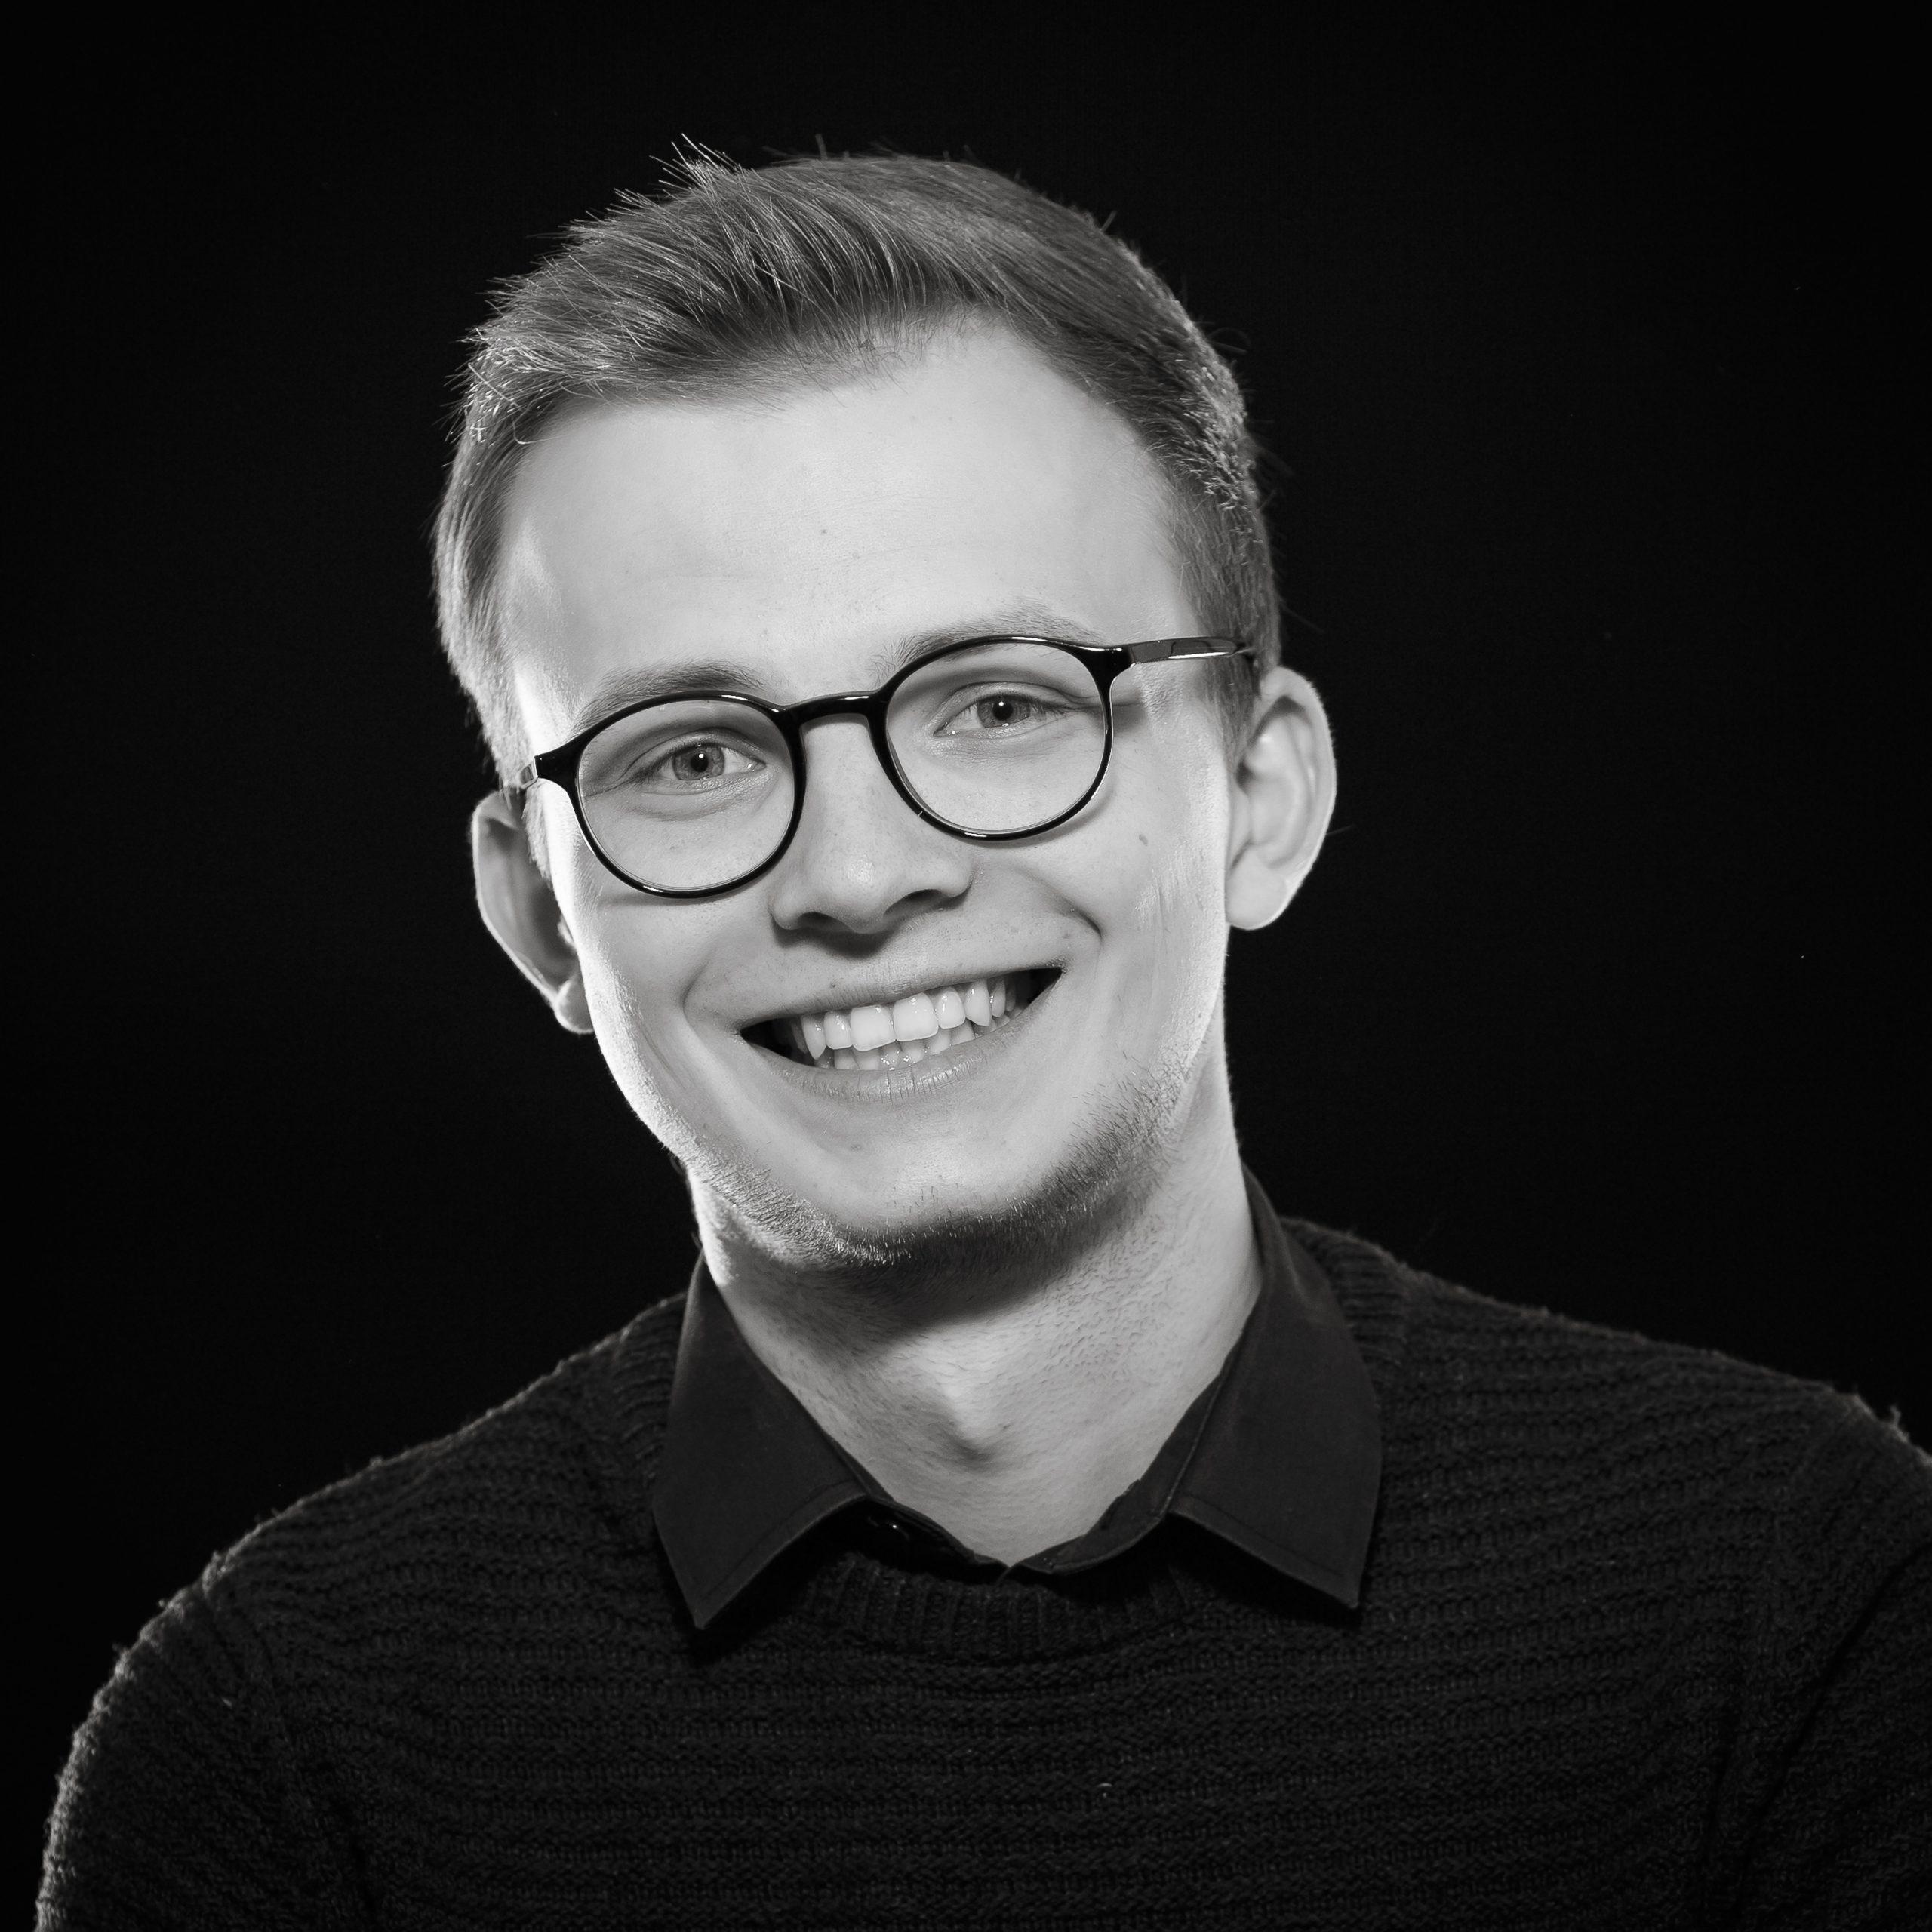 Dimitrij Ott